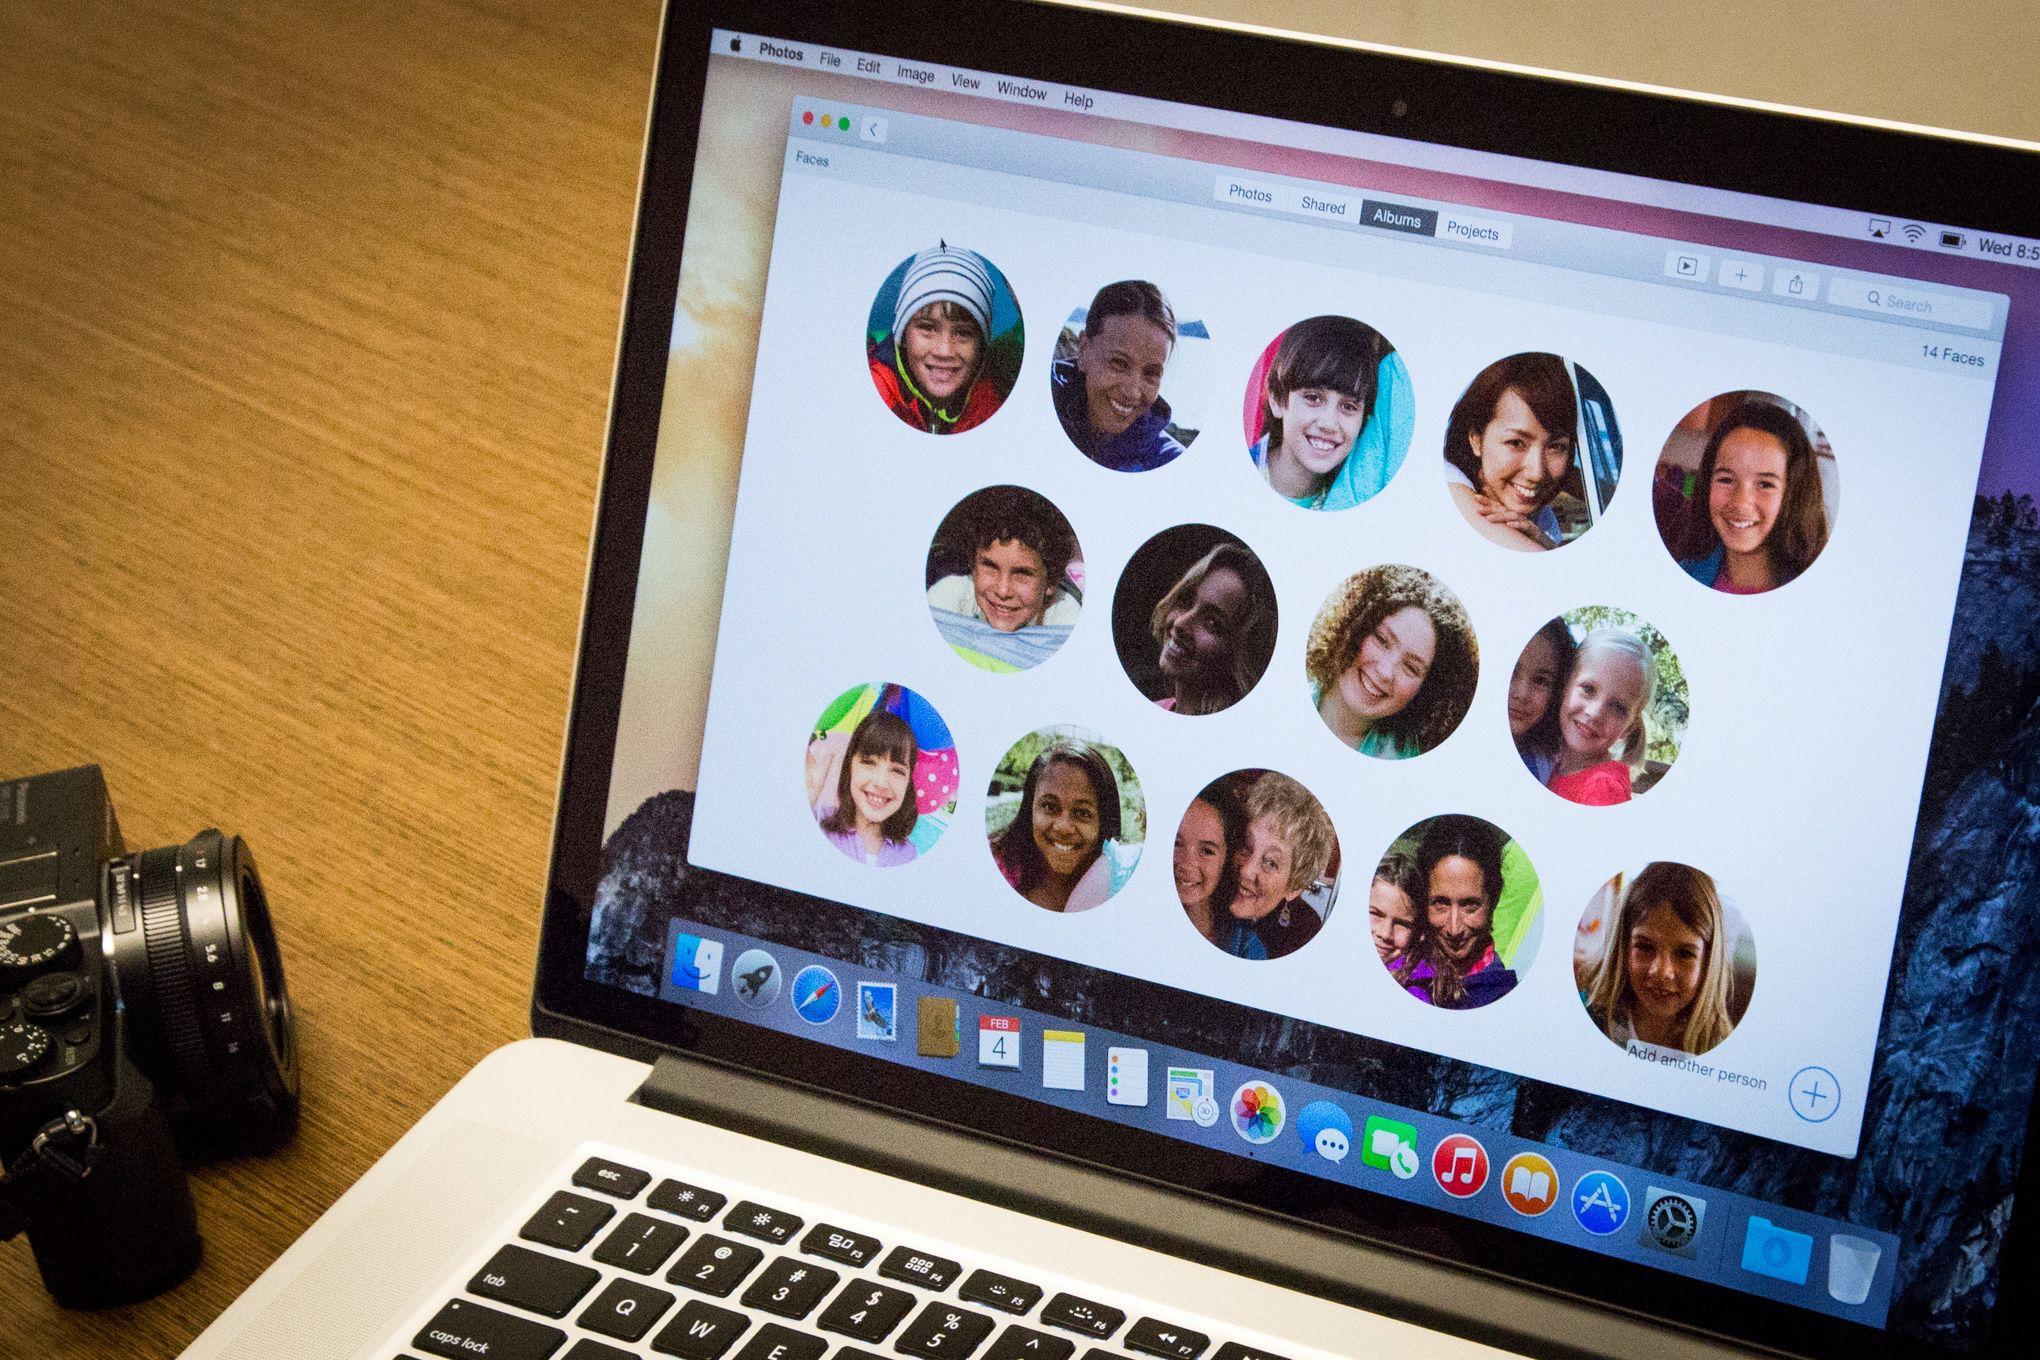 Apple Photos for OS X EMBARGO 020515